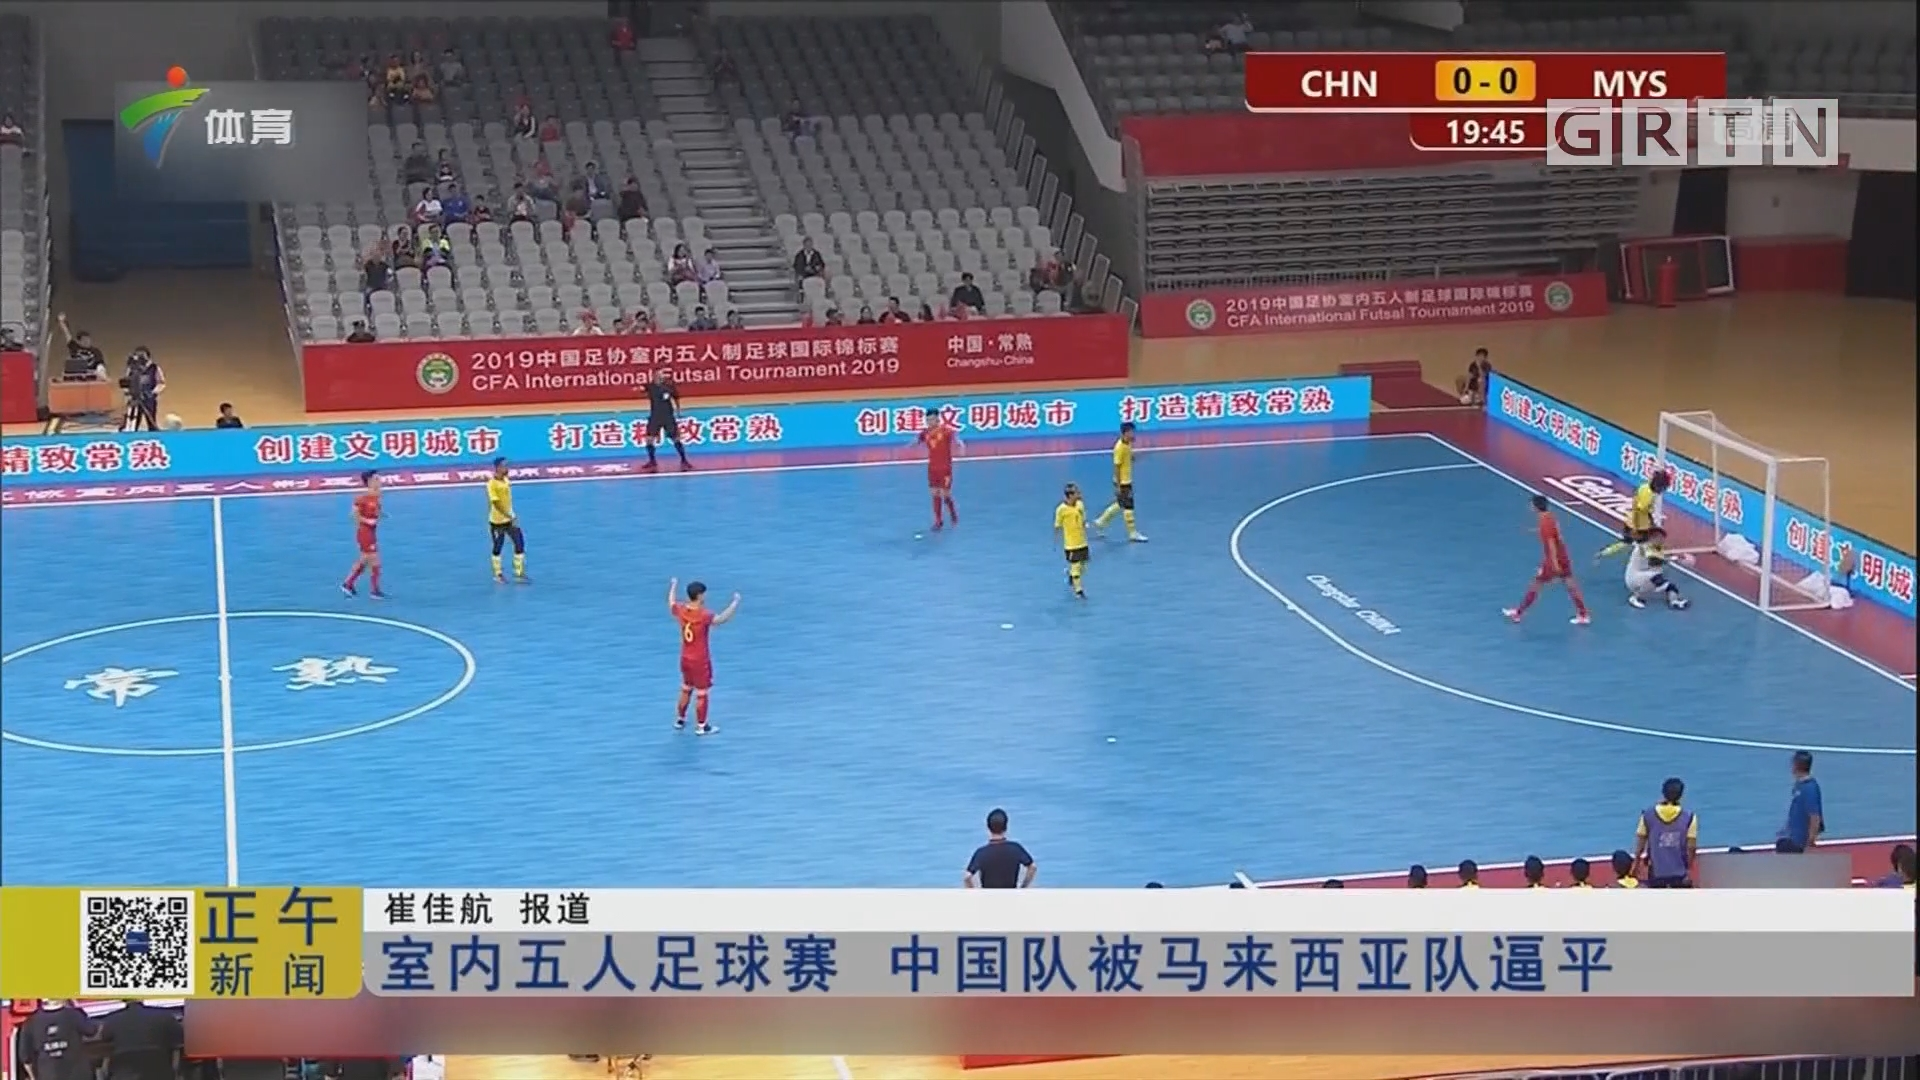 室內五人足球賽 中國隊被馬來西亞隊逼平